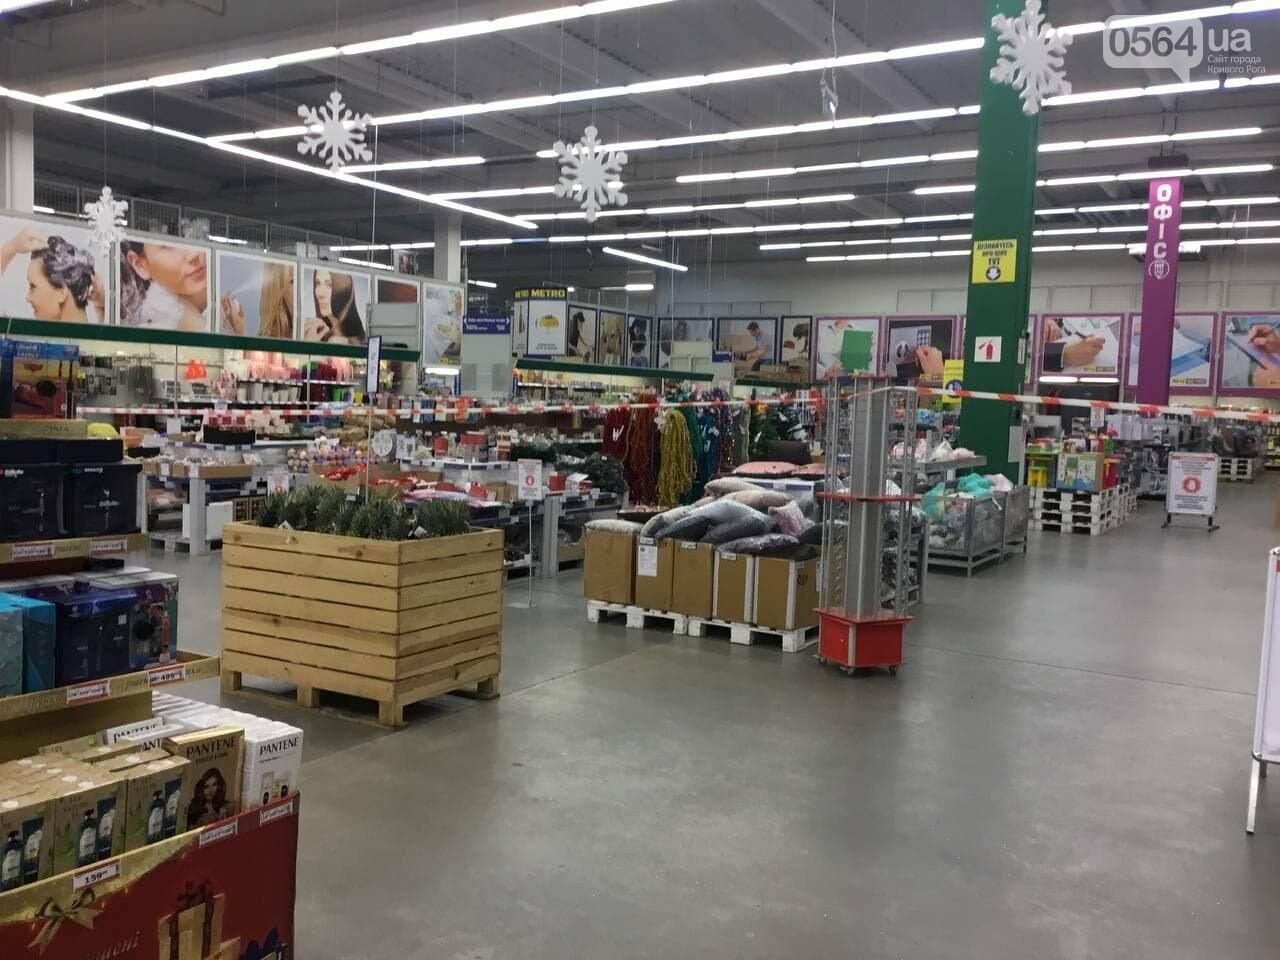 Как в Кривом Роге работают гипермаркеты в период локдауна, - ФОТО, фото-9